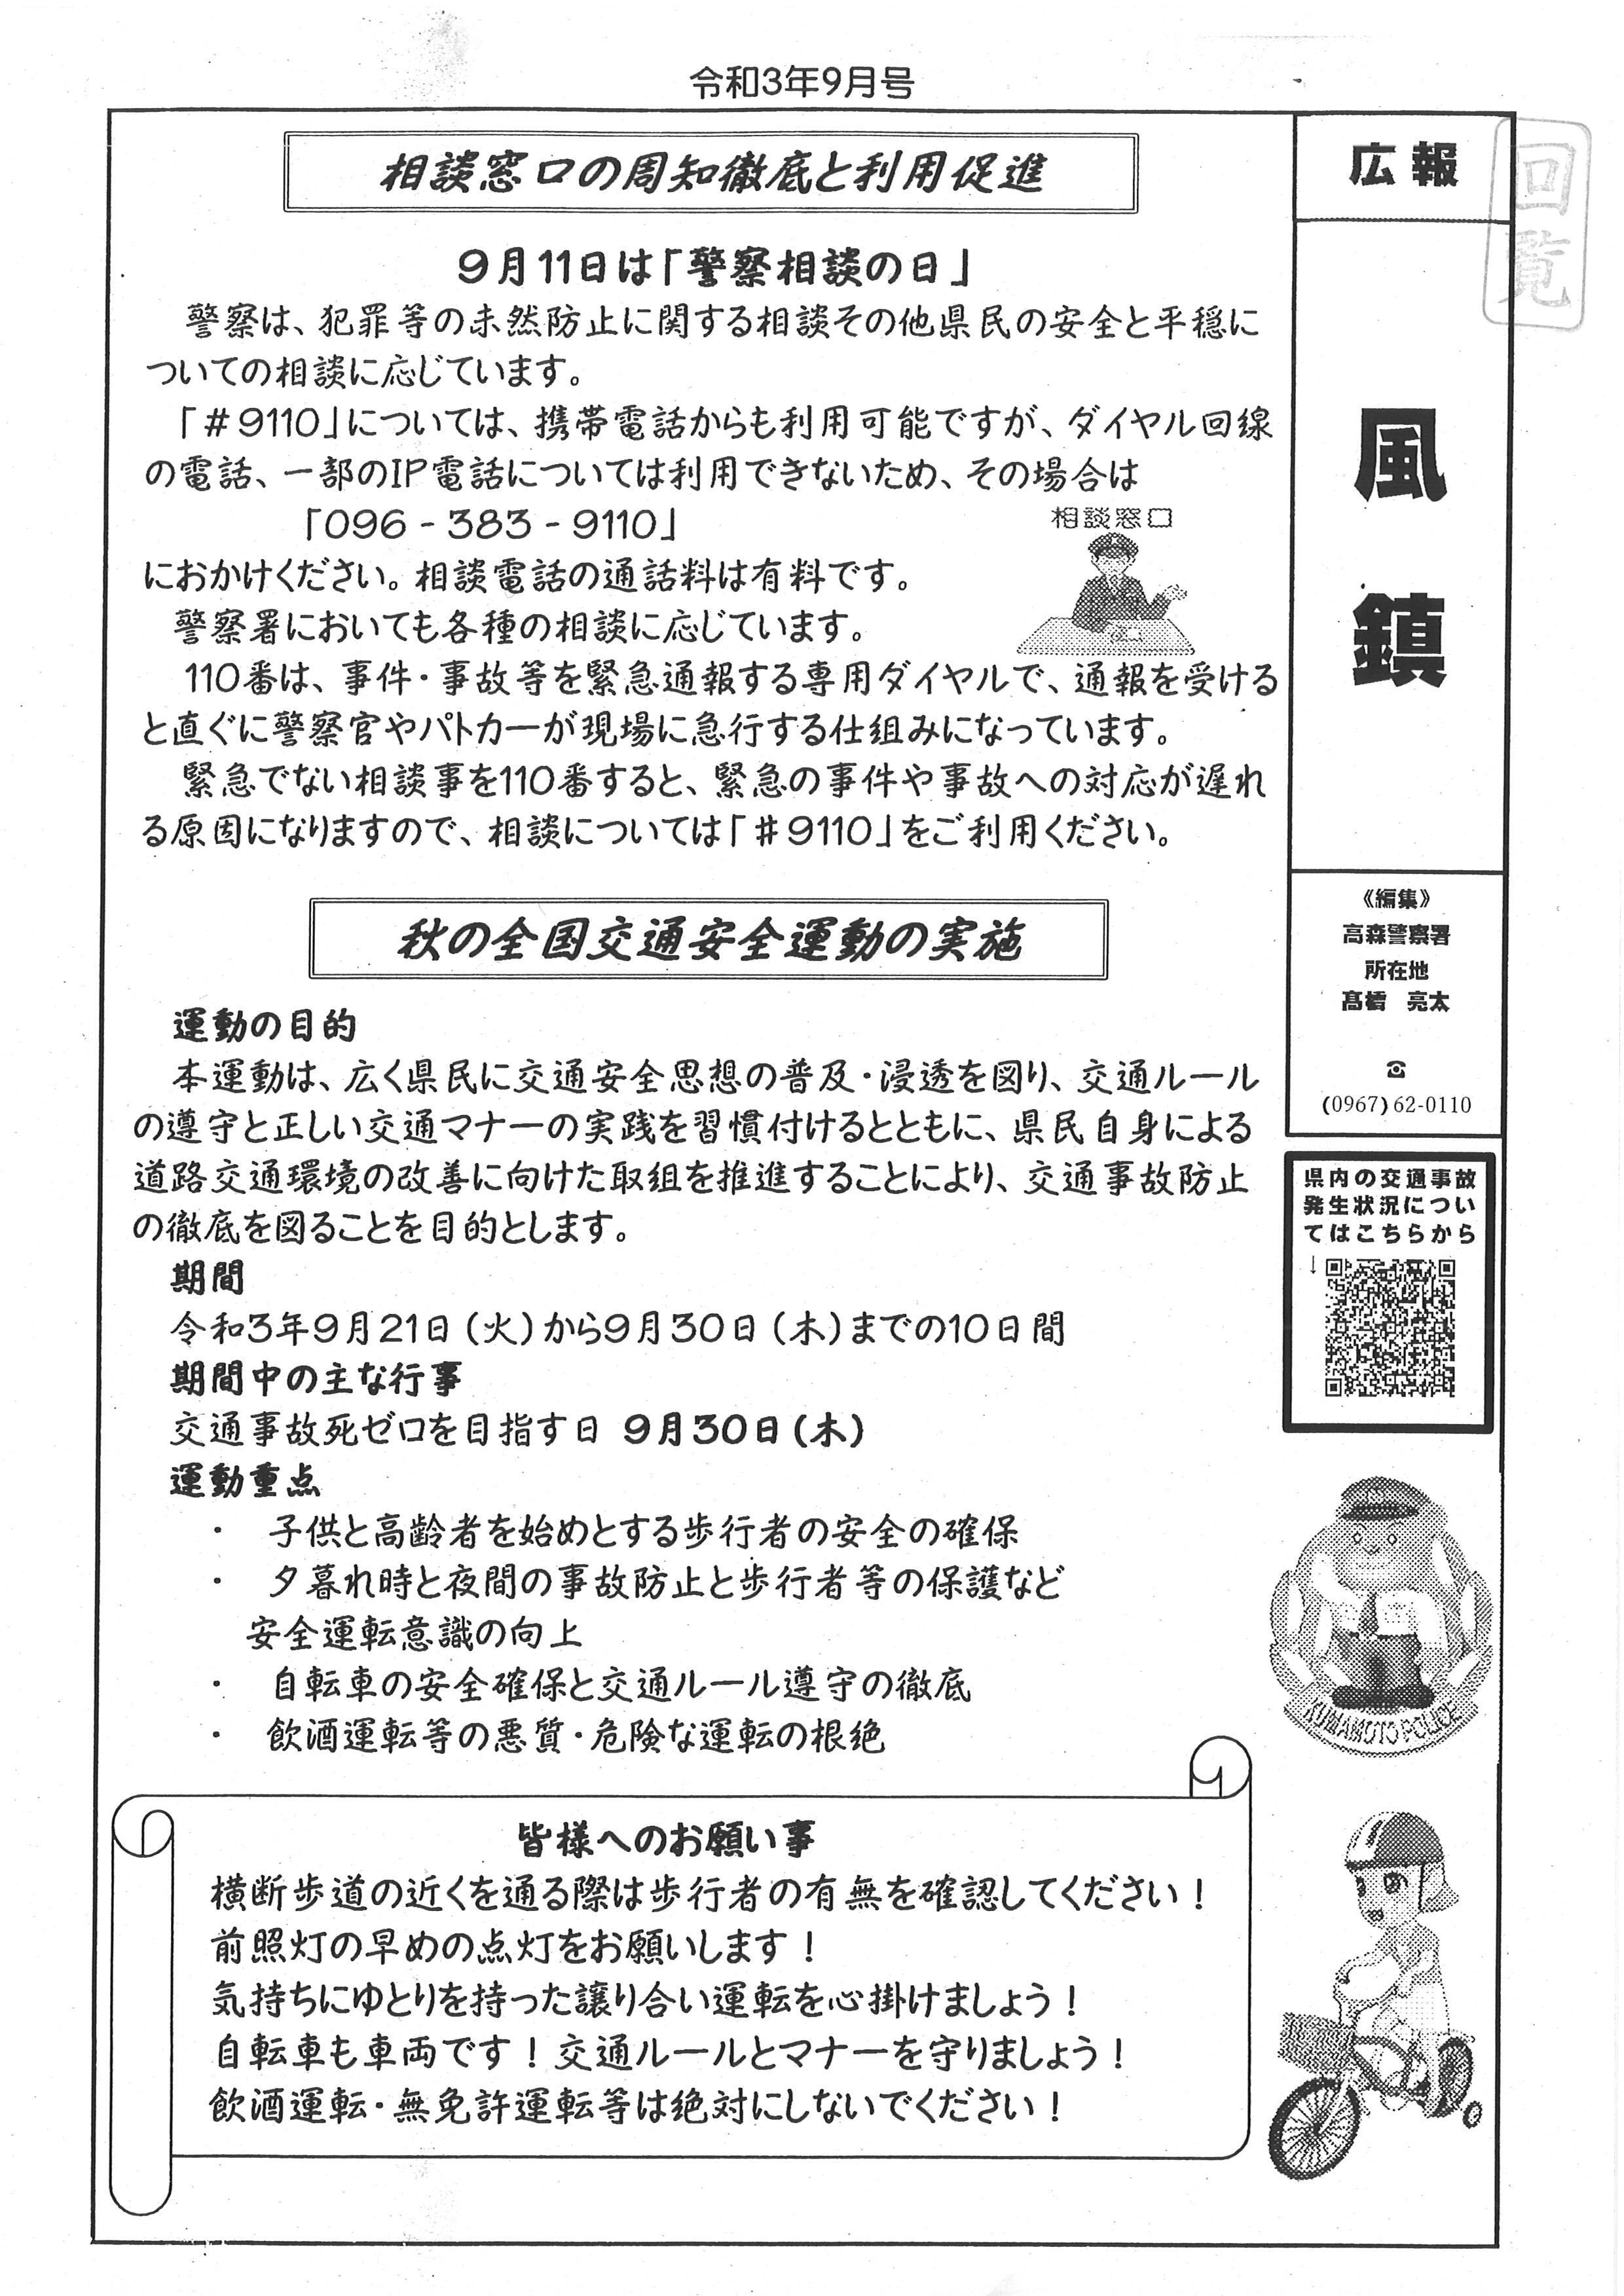 https://www.town.takamori.kumamoto.jp/chosha/somu/upload/c4f0d0818ddcef5e4800a83f489ecae370f9f4c6.jpg